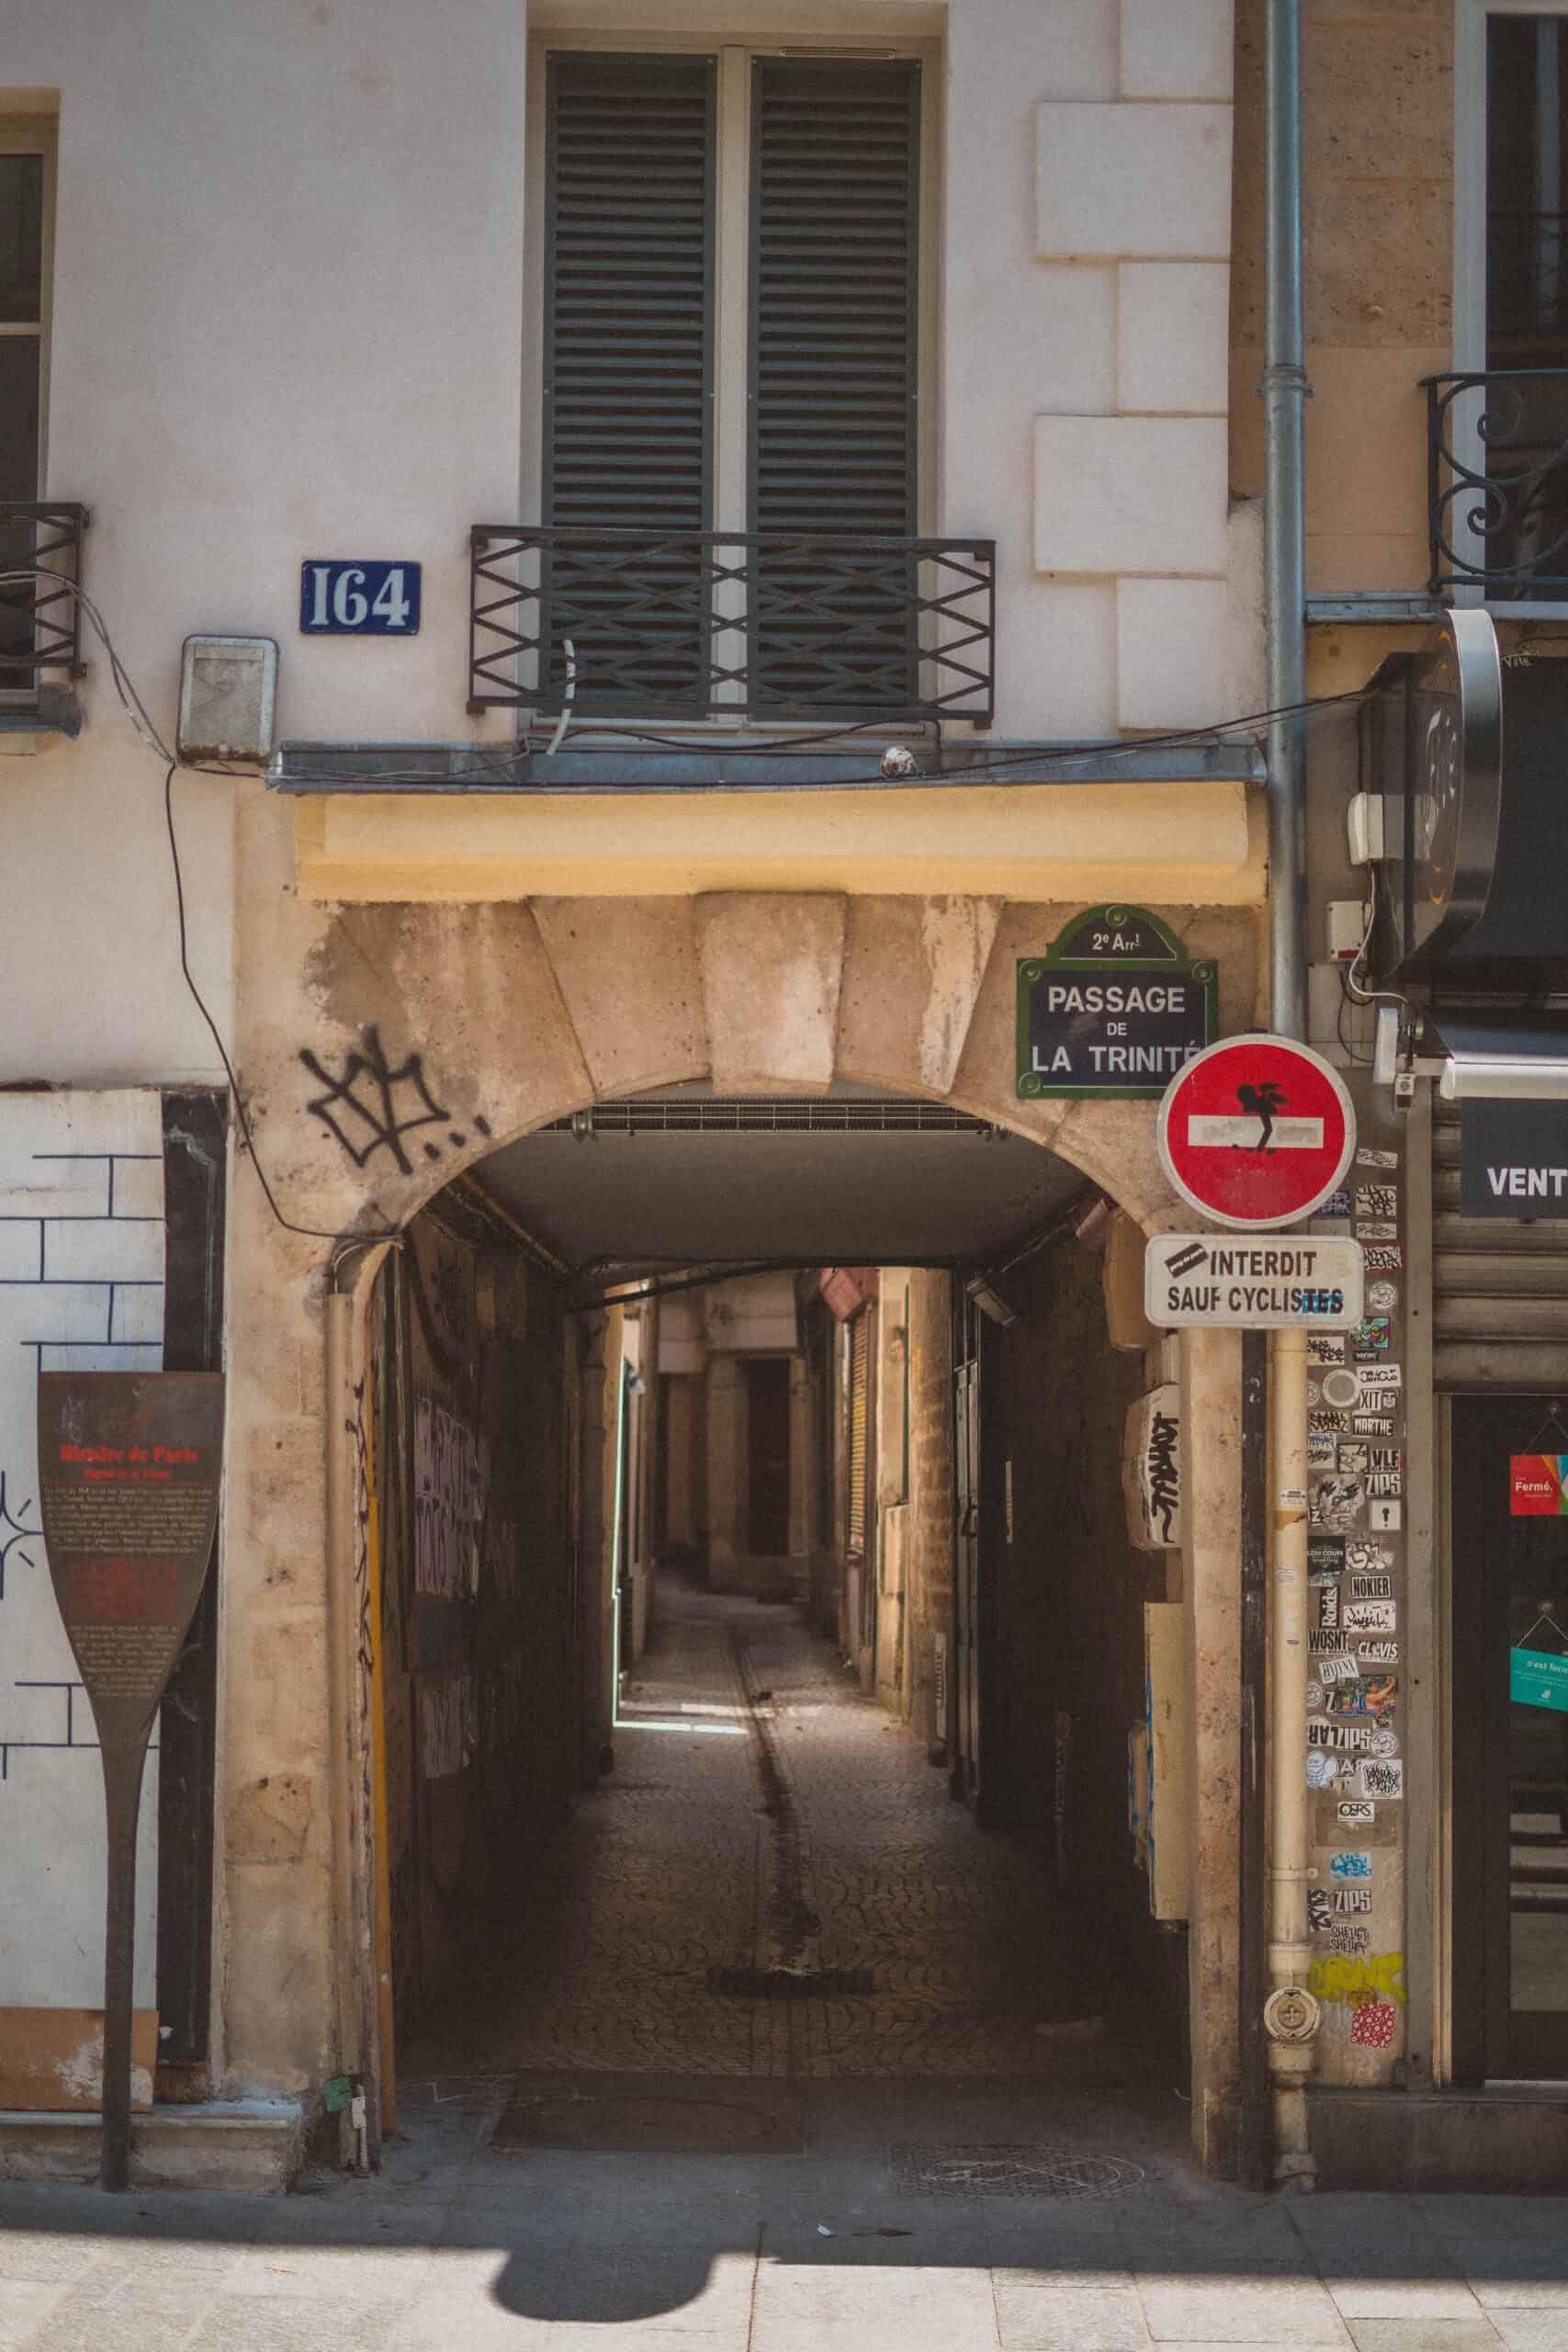 Passage de la Trinité, a Slice of Medieval Paris in the 2e arrondissement of Paris, France (paris hidden gem)